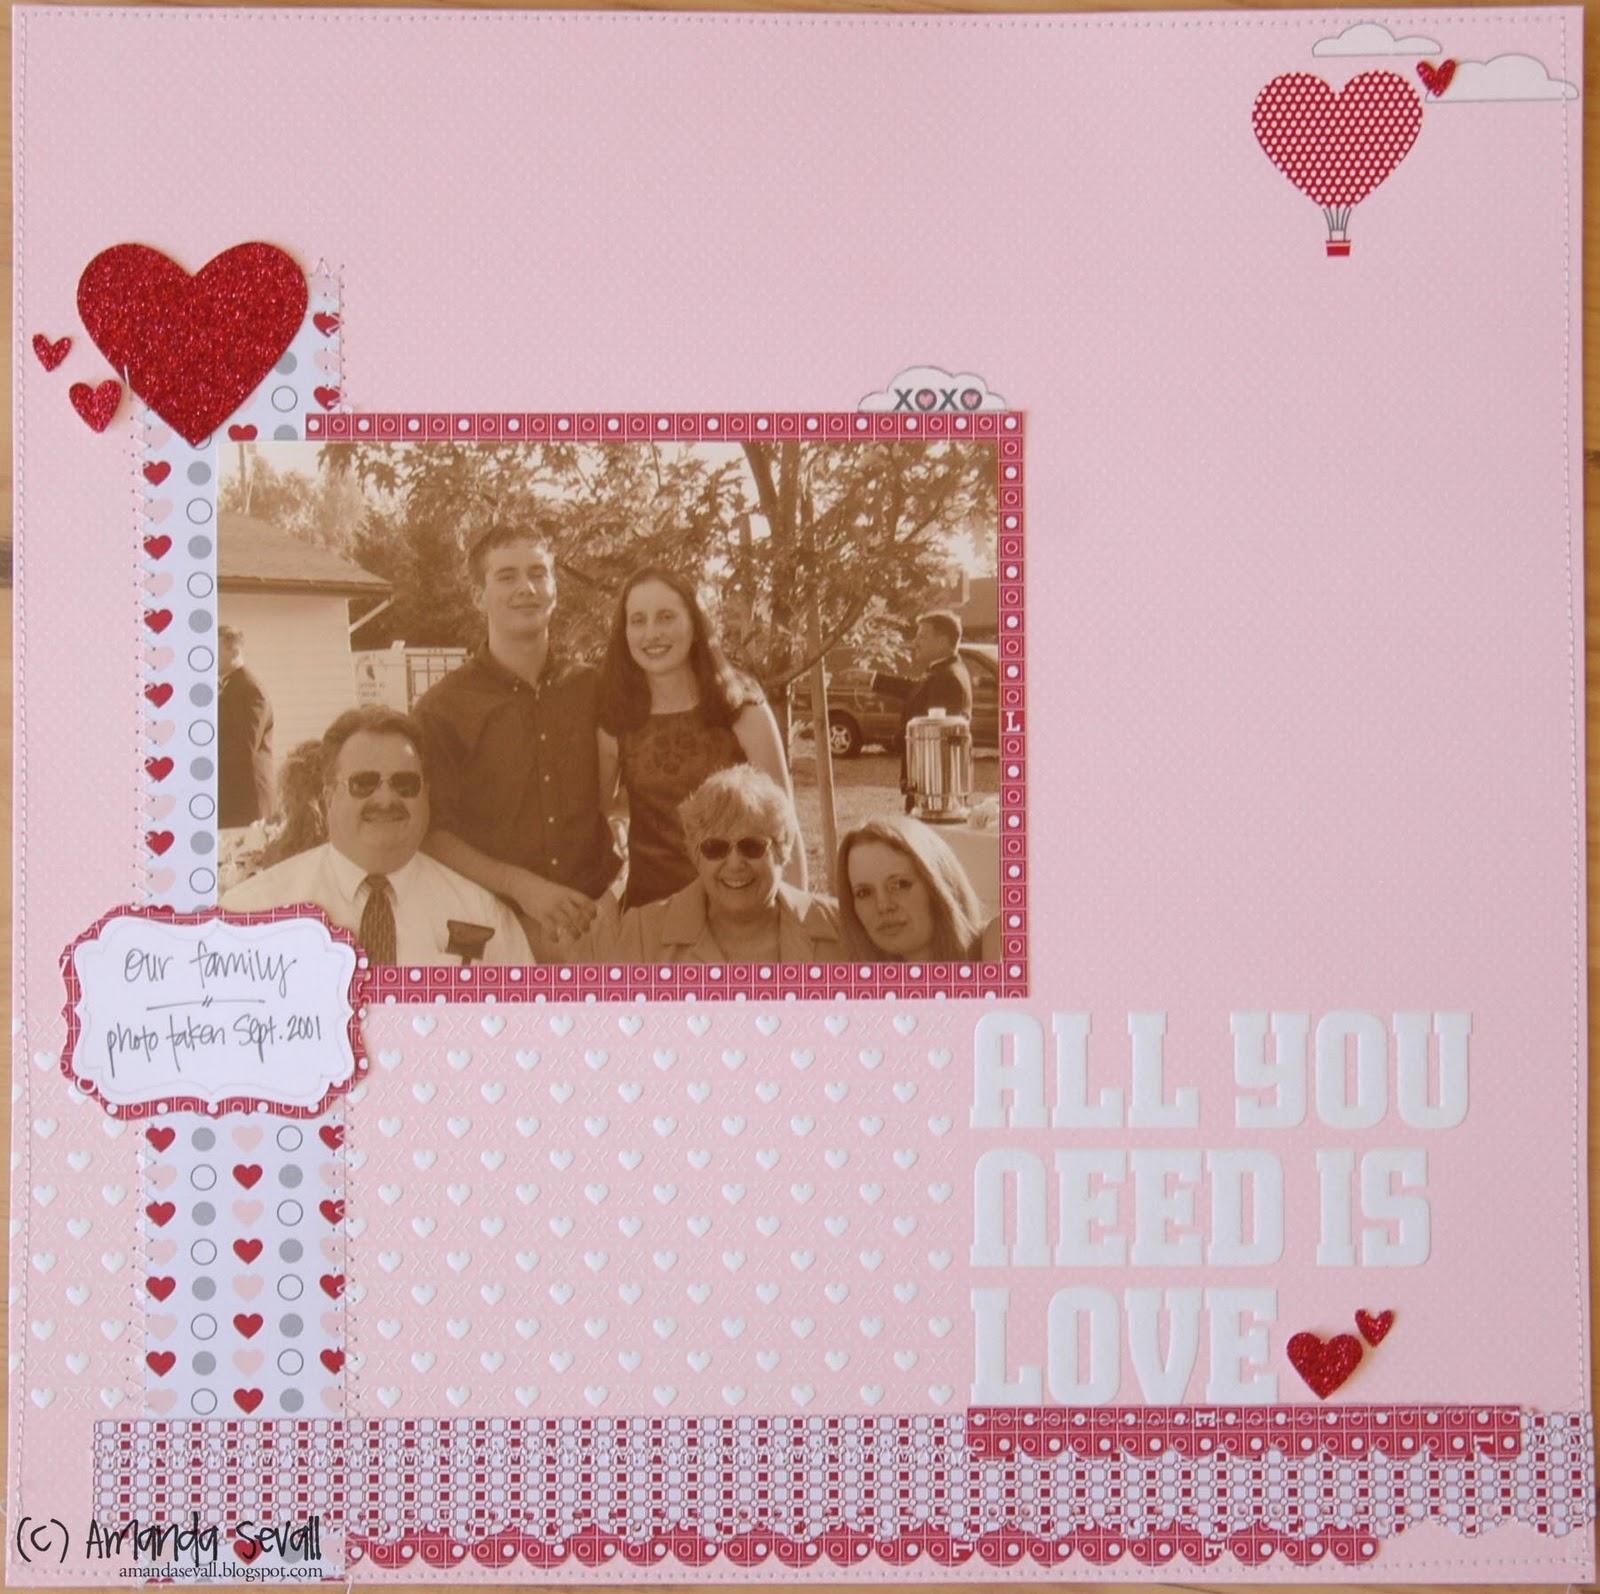 http://2.bp.blogspot.com/-SIIXL8DkmcA/TZrH83cUnxI/AAAAAAAADkY/vEGv2wCk7lI/s1600/040311_All+You+Need+is+Love.JPG